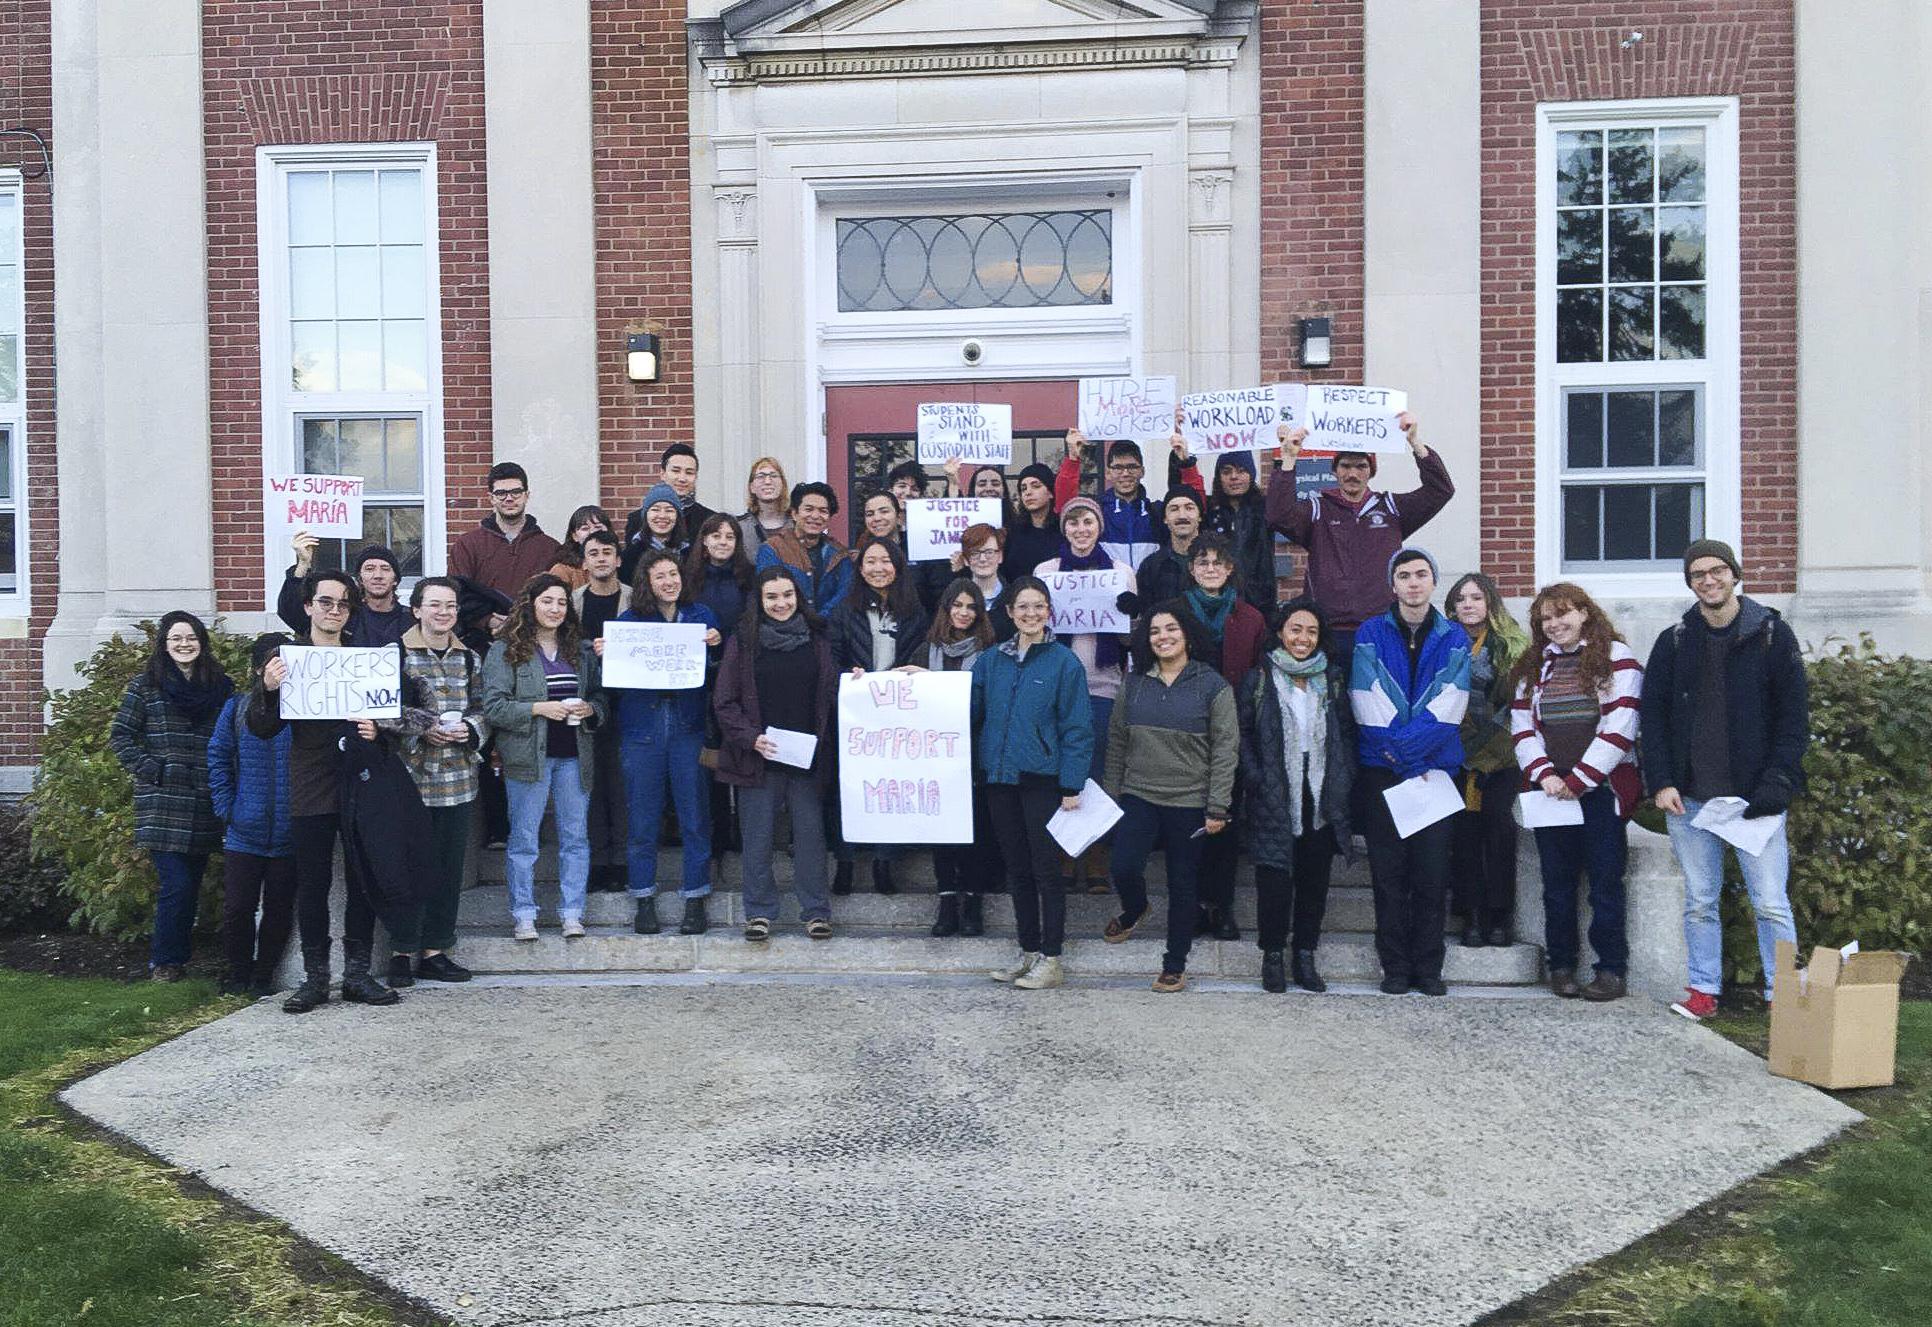 c/o Wesleyan United Student Labor/Action Coalition (USLAC)